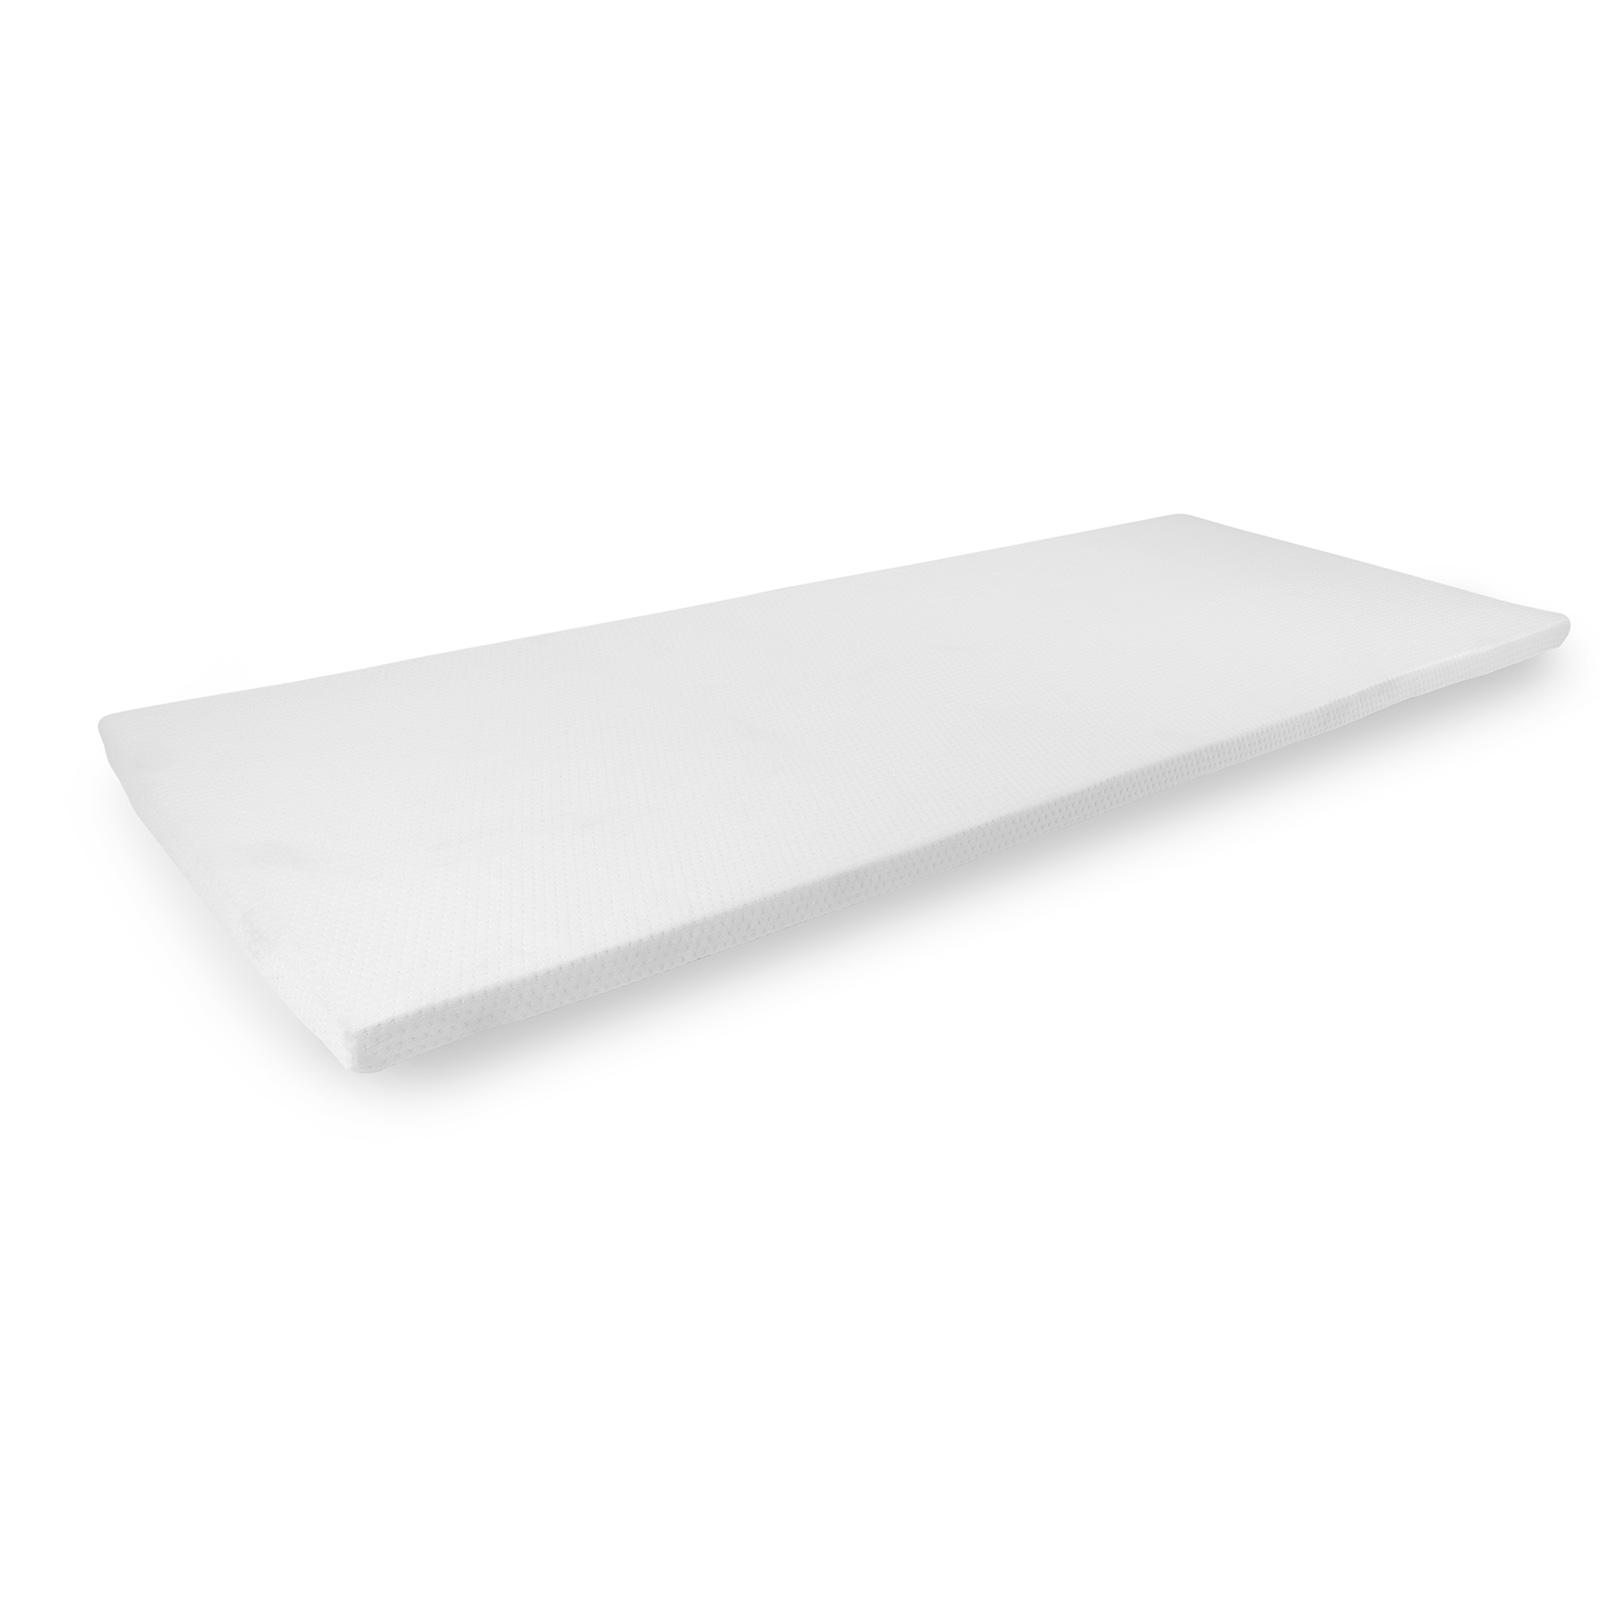 Gel Matratzentopper | Memory Schaum  | Antirutsch - Effekt | 195 x 80 x 4 cm